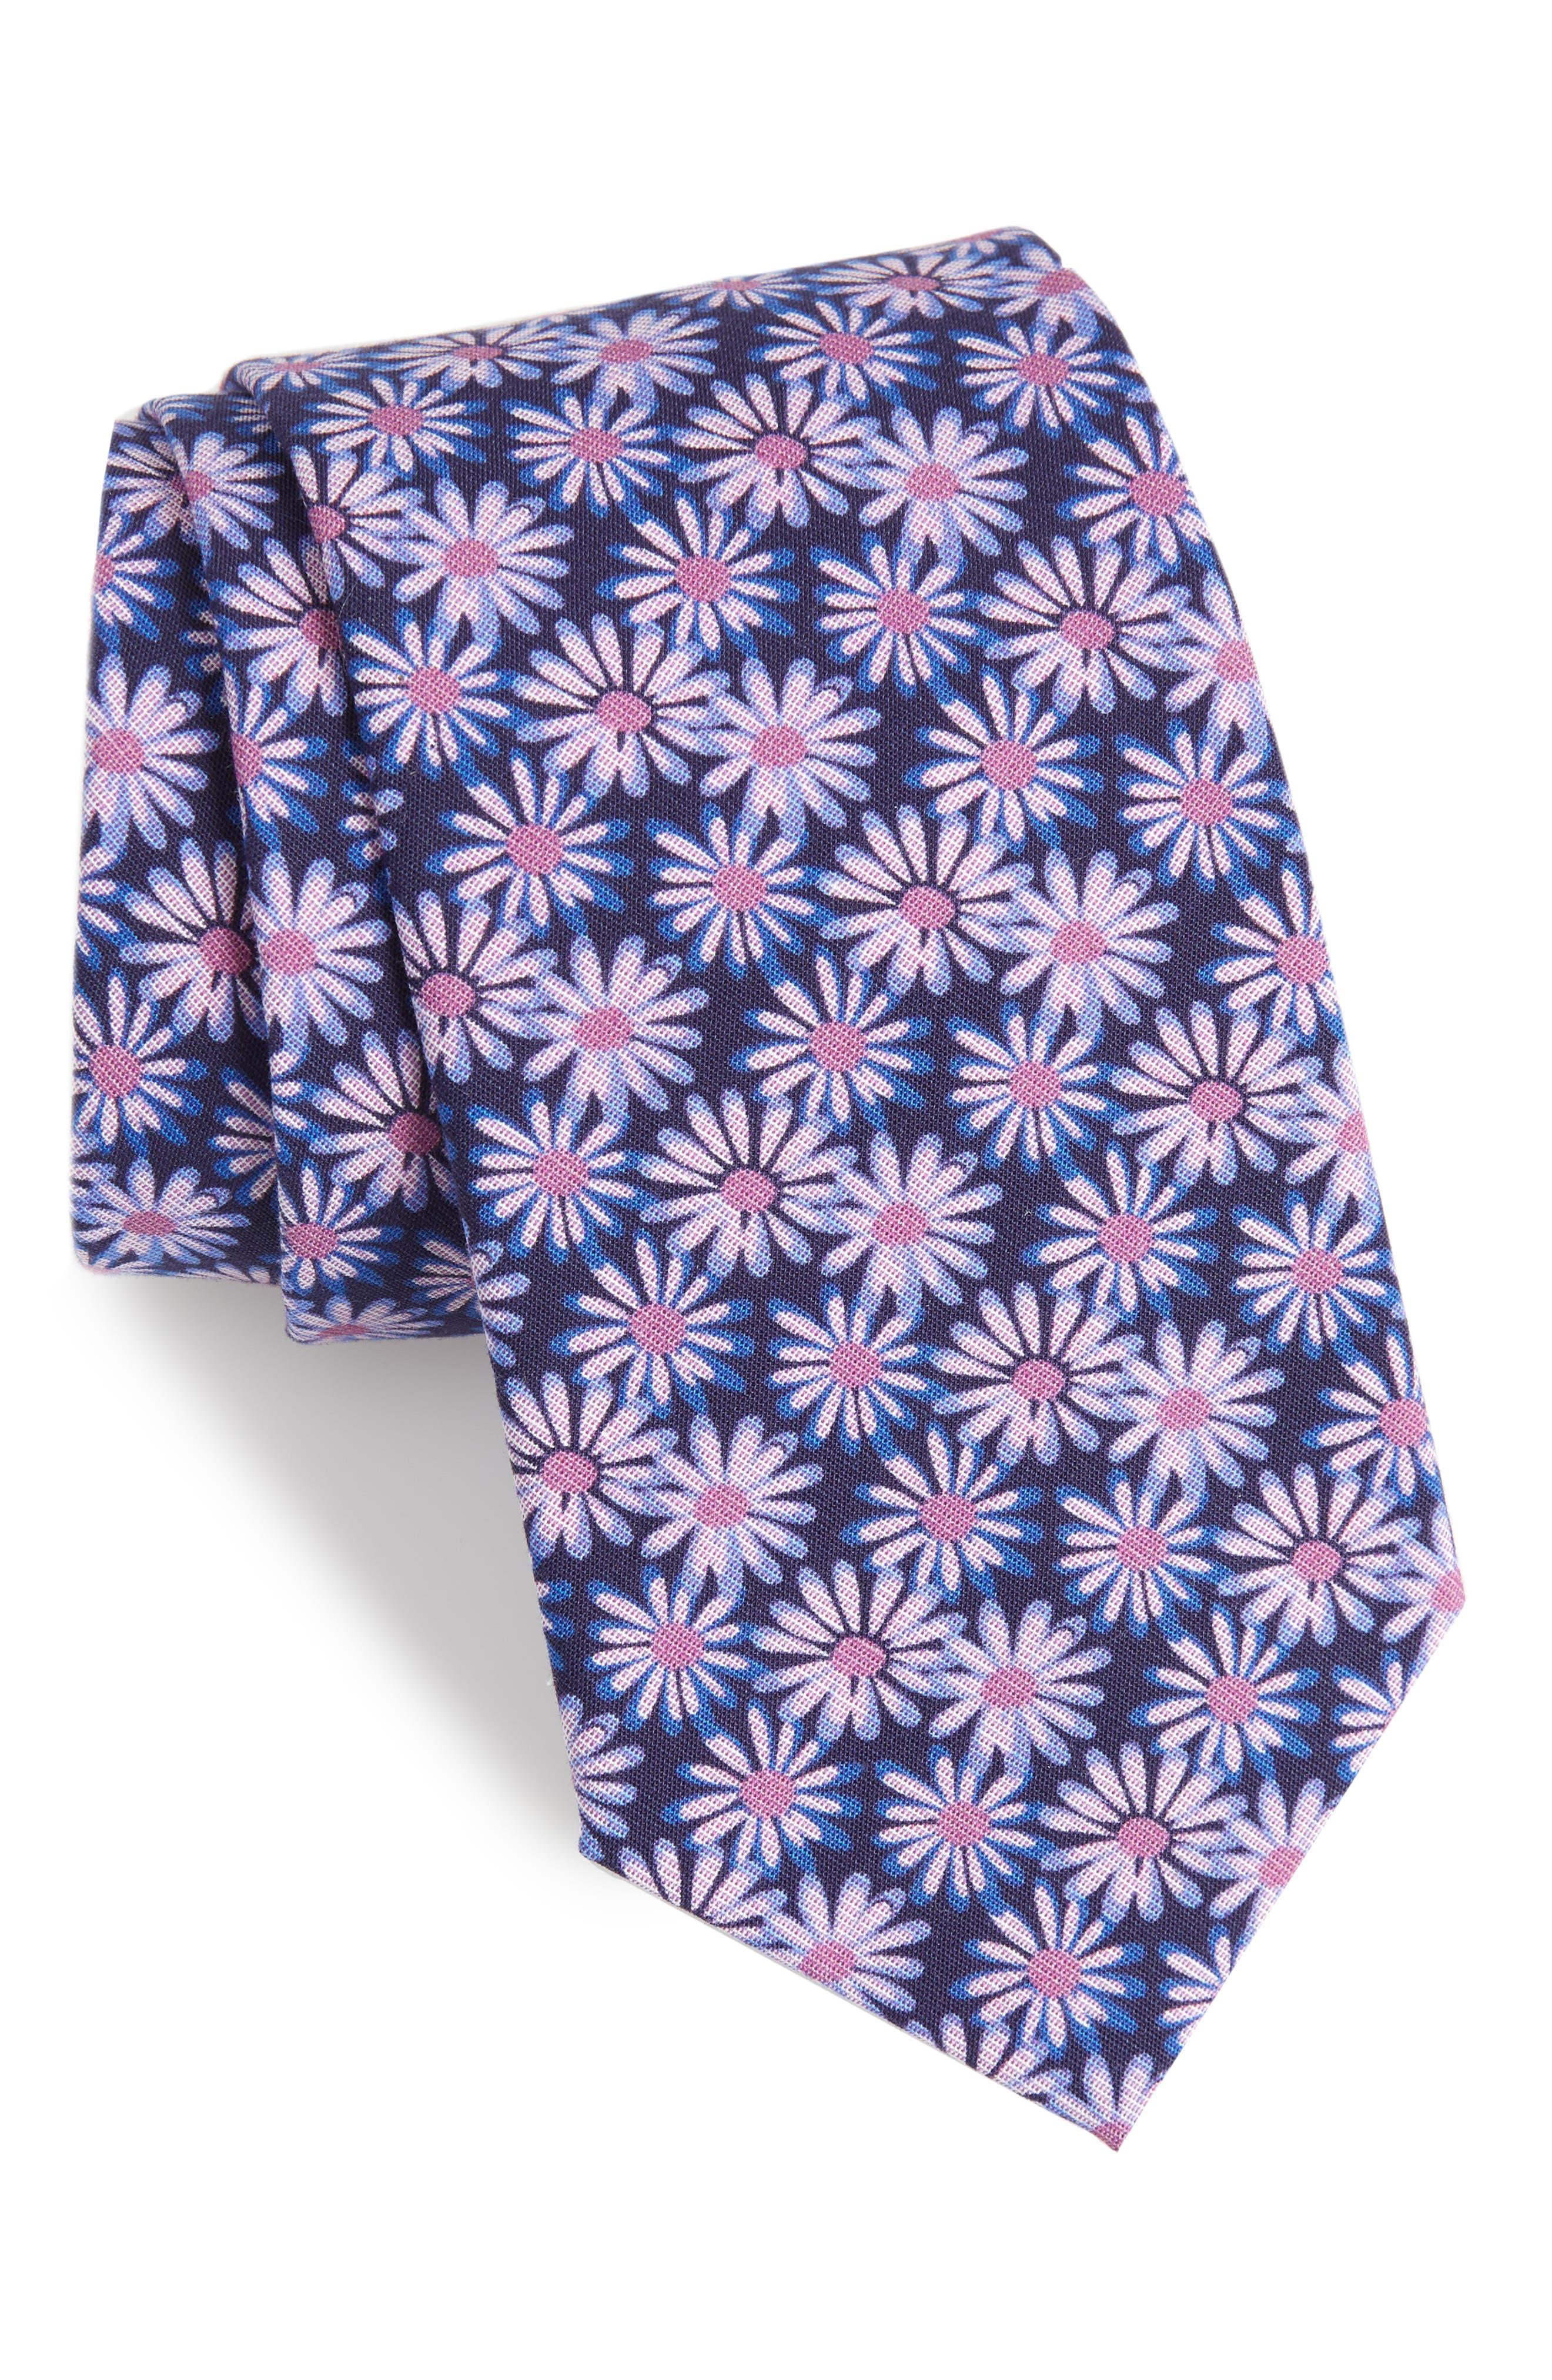 Floral Breeze Print Cotton Tie,                         Main,                         color, Grape Shade